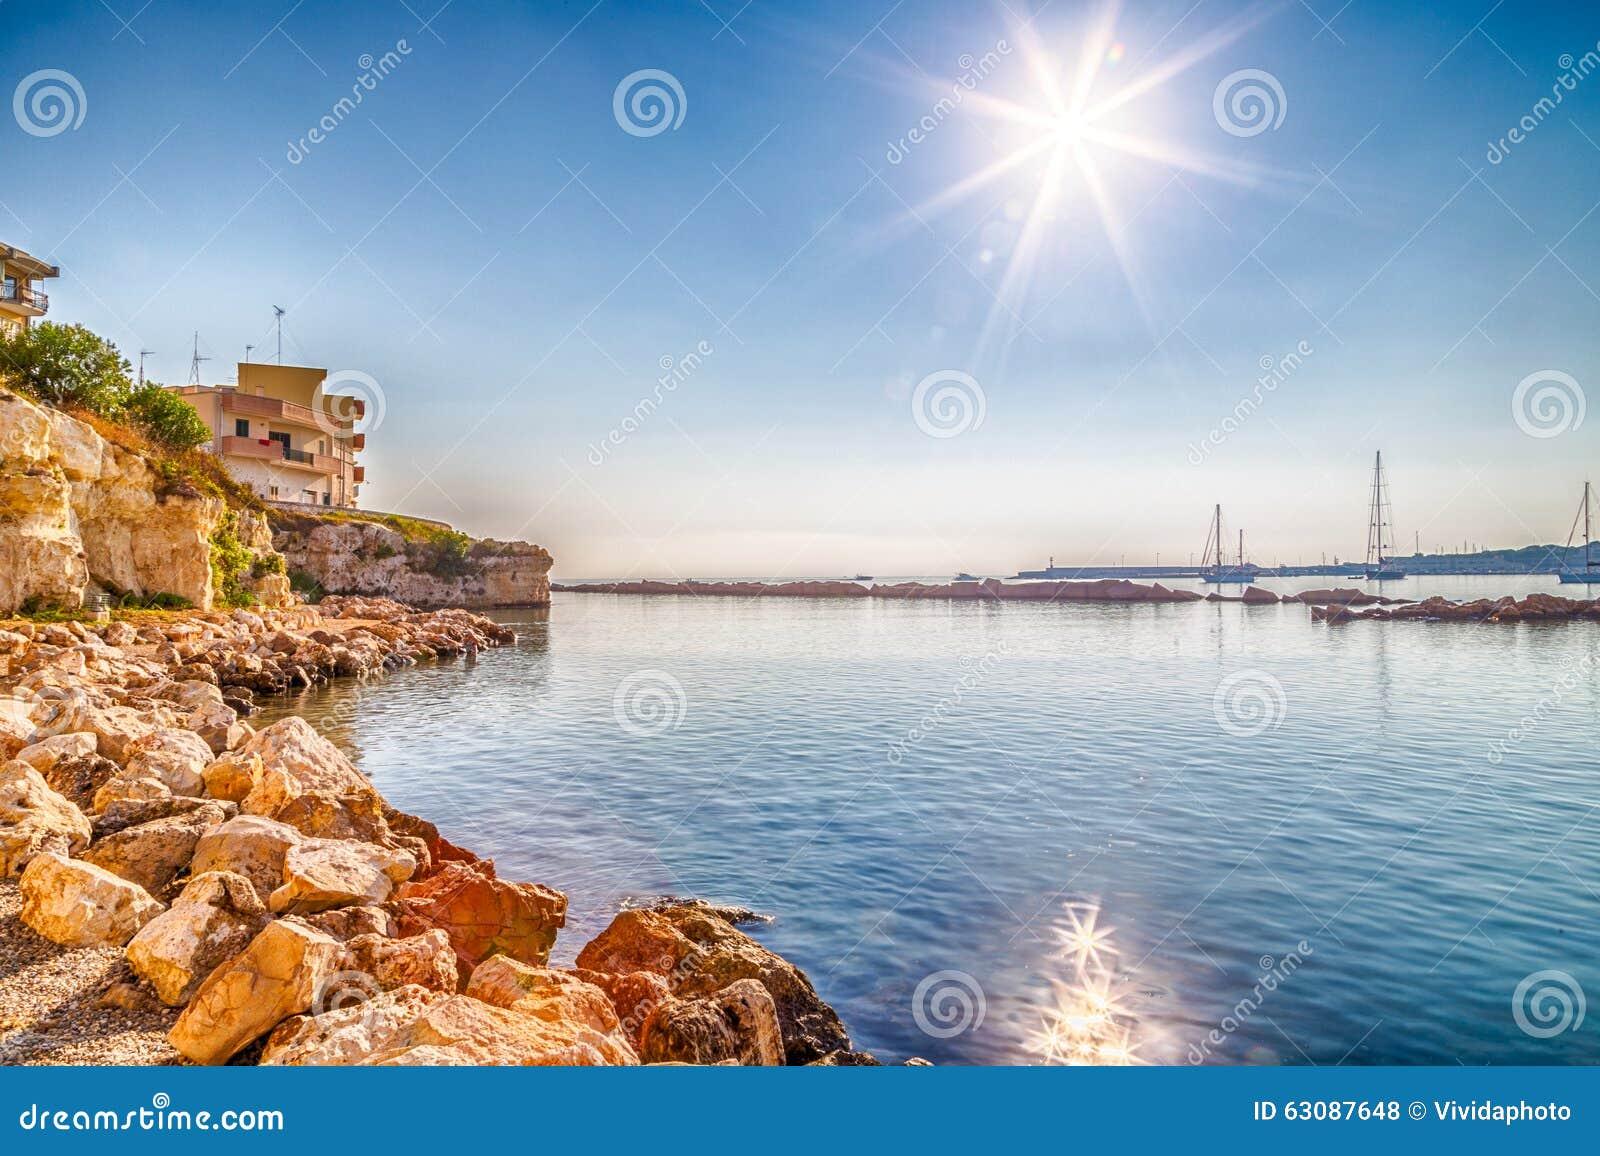 Download Baie sur la Mer Adriatique photo stock. Image du ville - 63087648